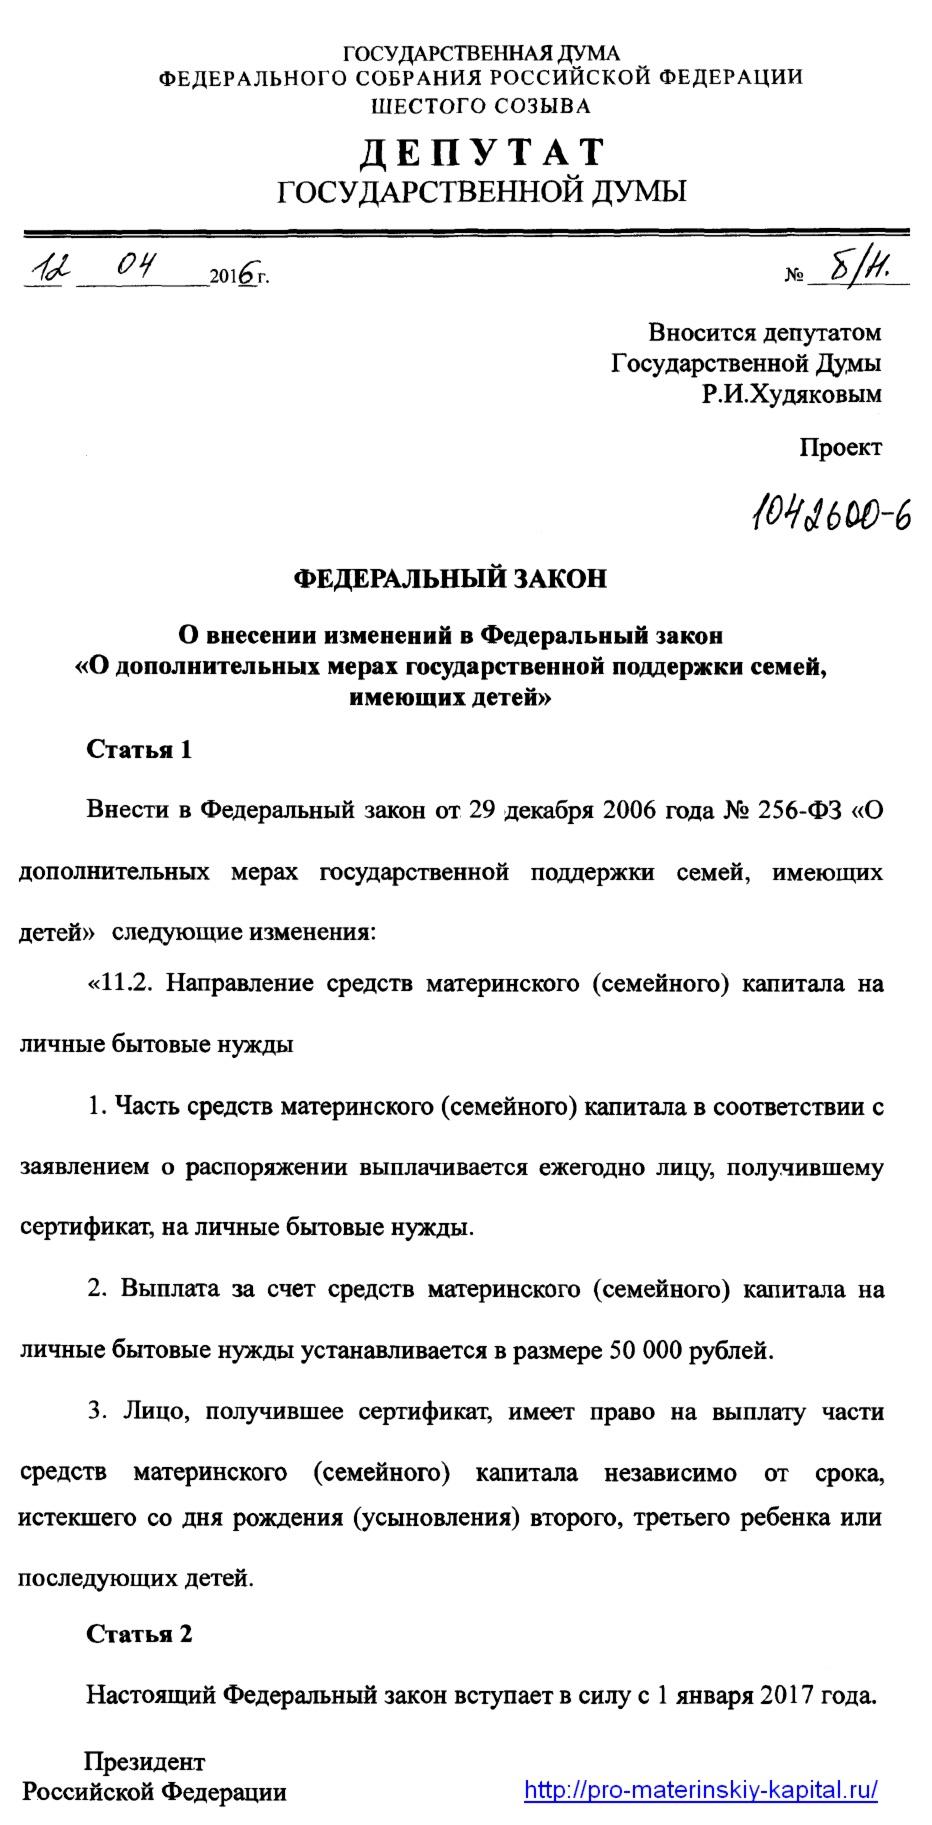 Договор на перегон транспортного средства между юридическими лицами